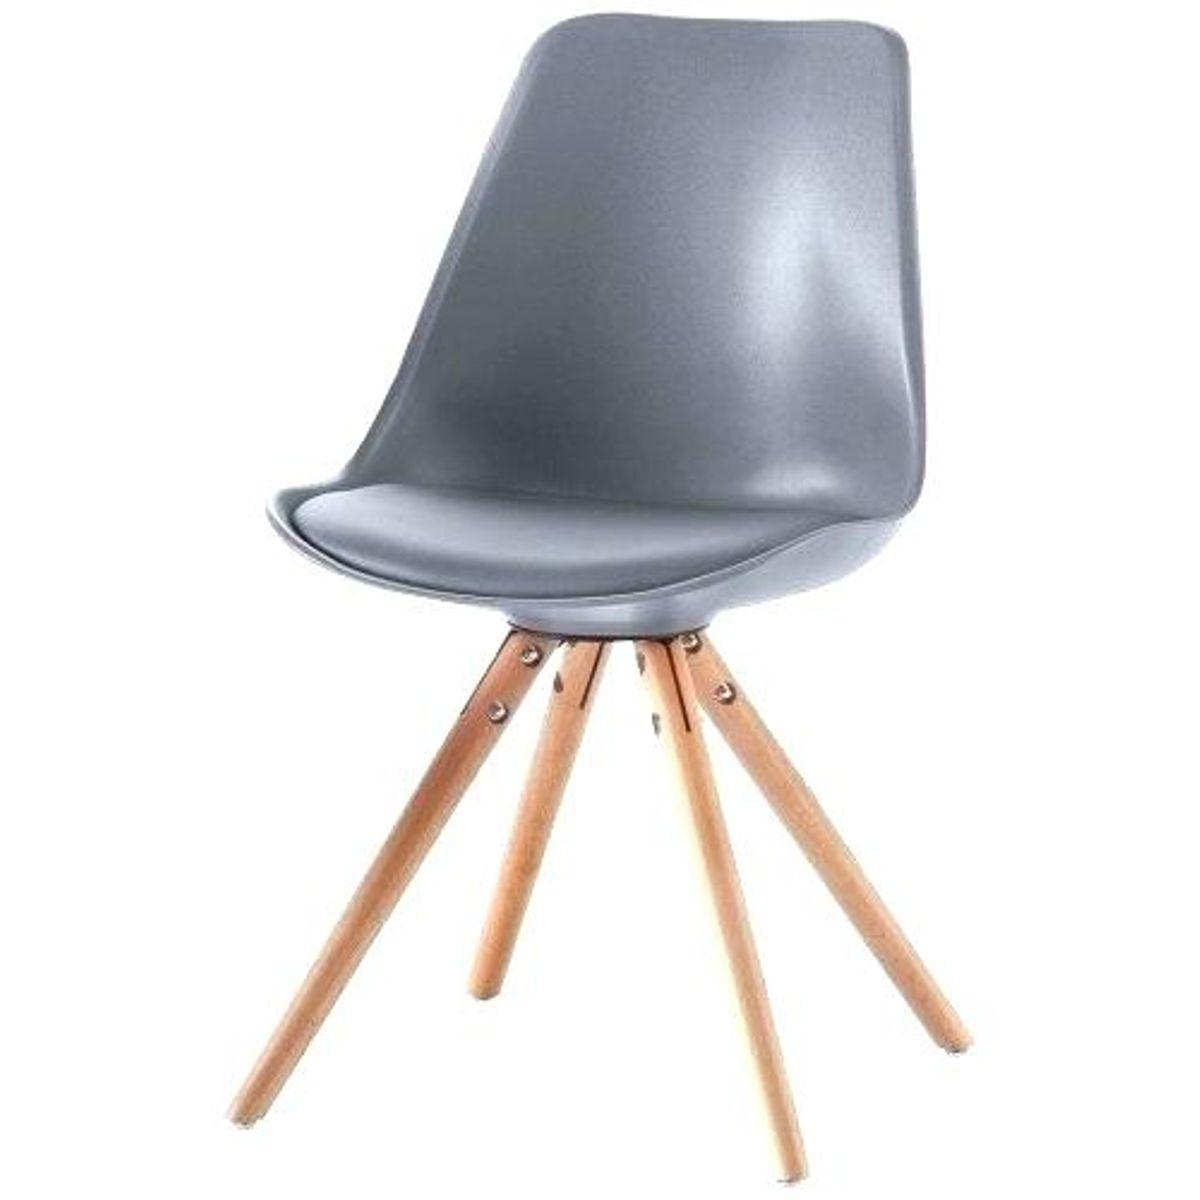 Dänische Stühle Kaufen